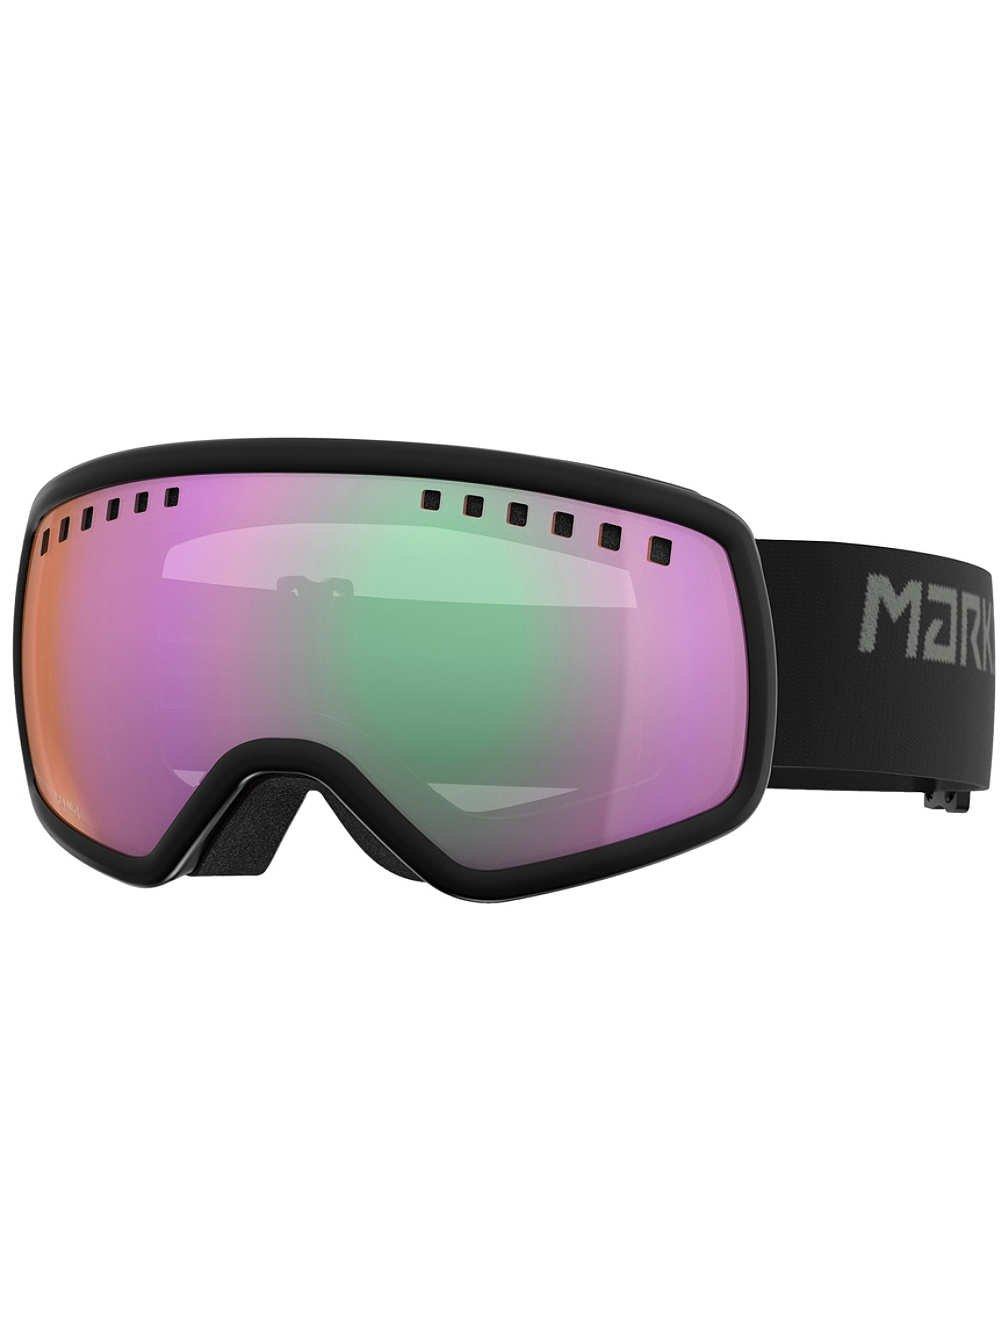 Amazon.com: Marker 2019 - Gafas de natación (16:9, lente de ...